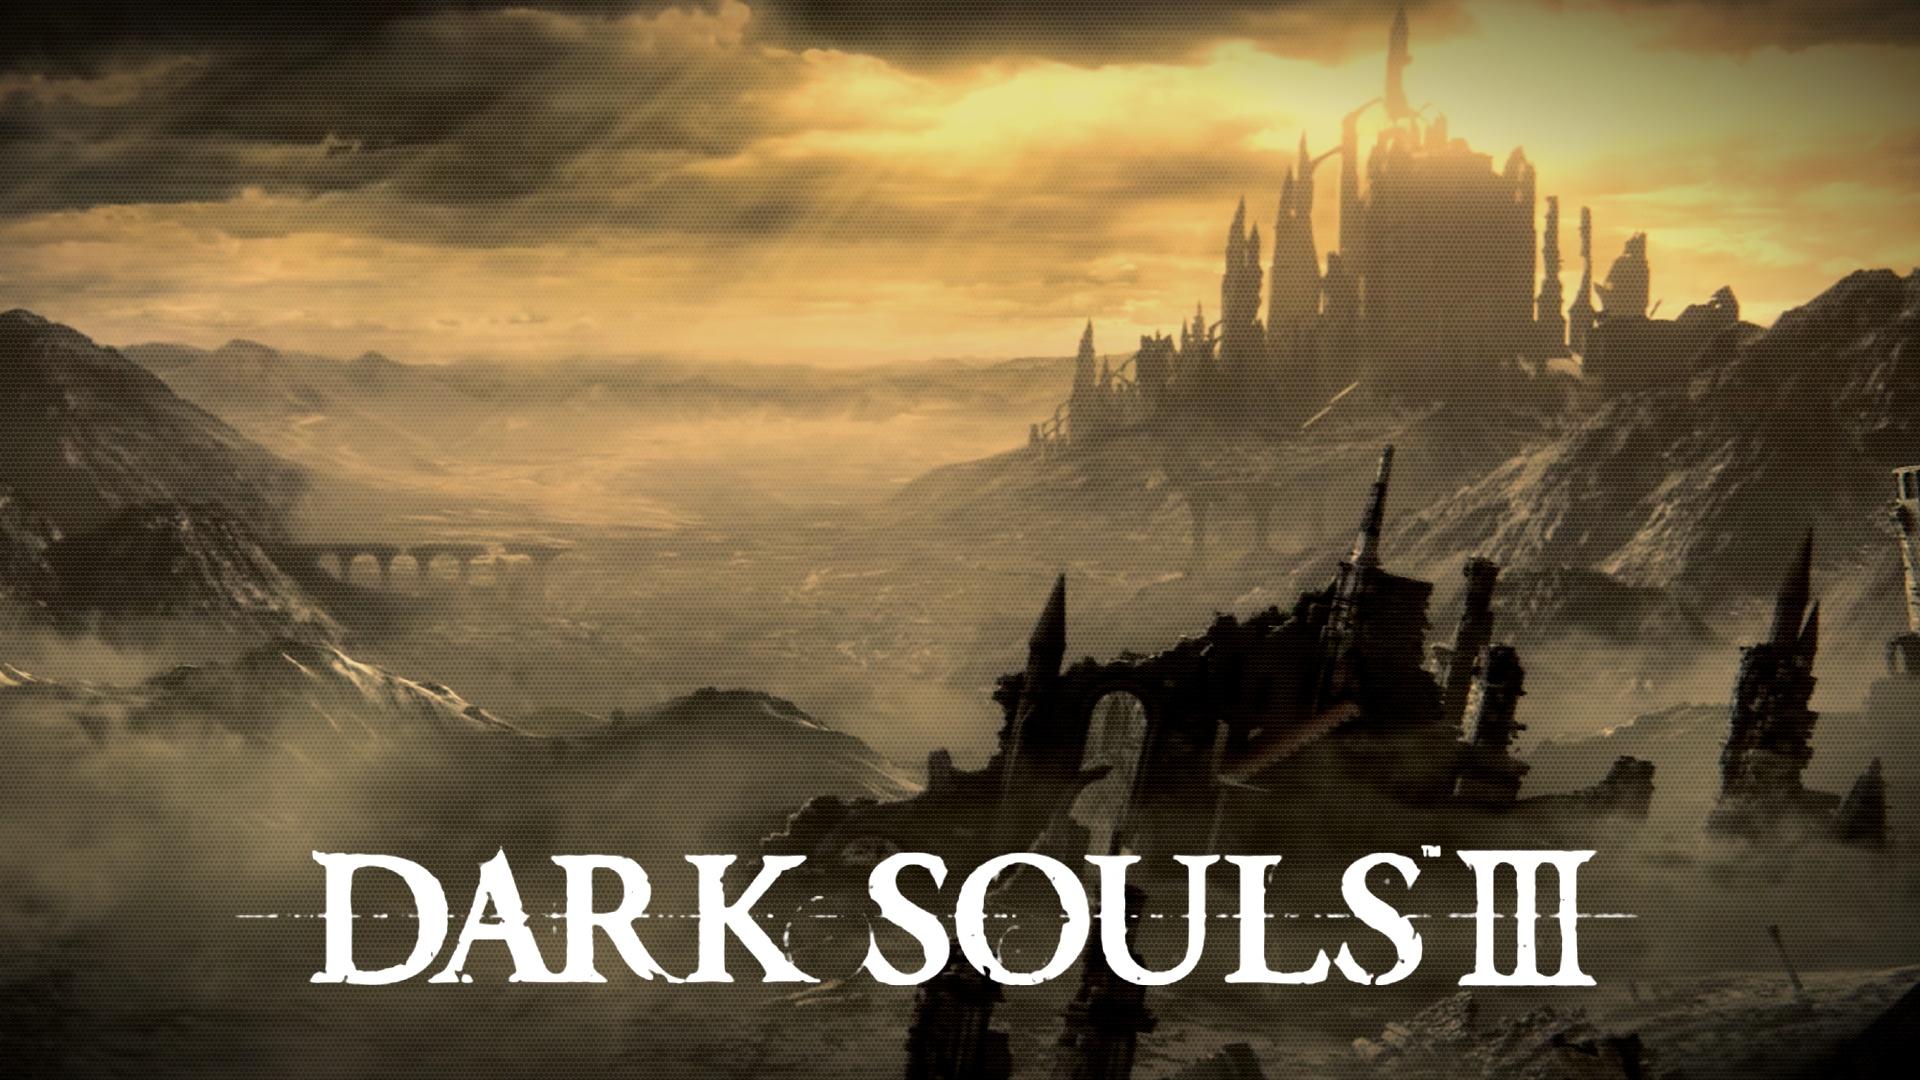 48 Dark Souls 3 Iphone Wallpaper On Wallpapersafari